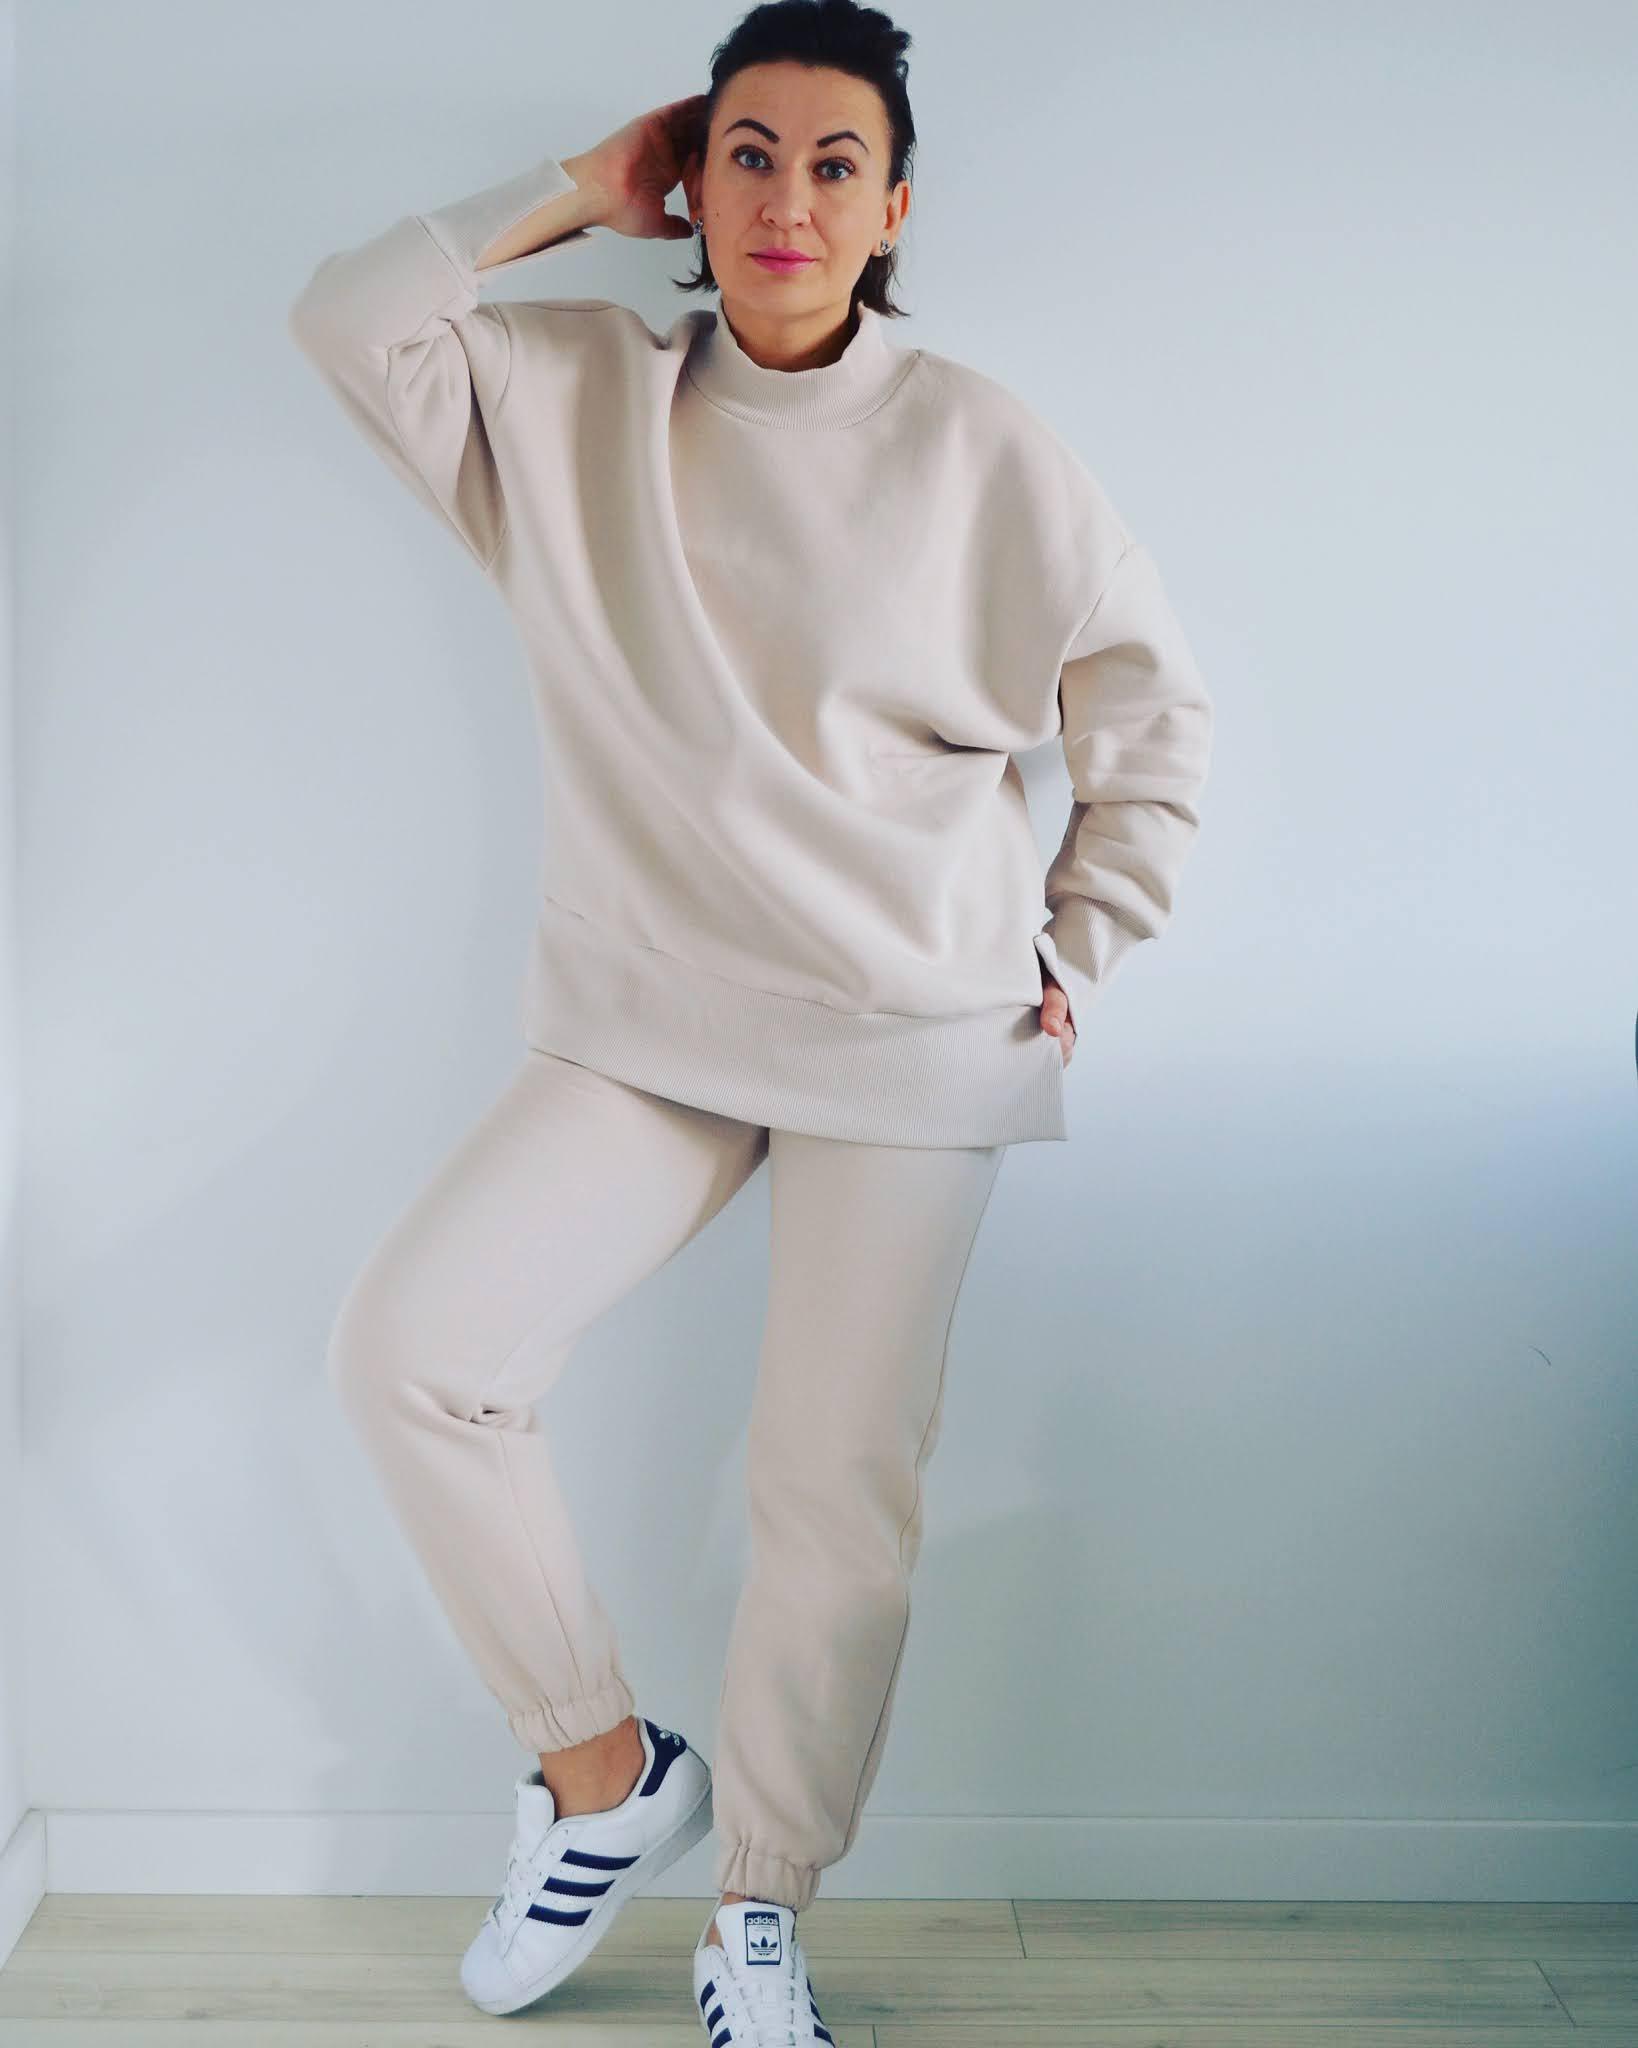 Dres Laurella;Laurella Stone Tracksuit;www.adriana-style.com;blogerka modowa 40+;blogerka 40+;styl 40+;moda;fashion;styl sportowy;sportowo po domu;dres po domu;@adrianastyle_stylist;